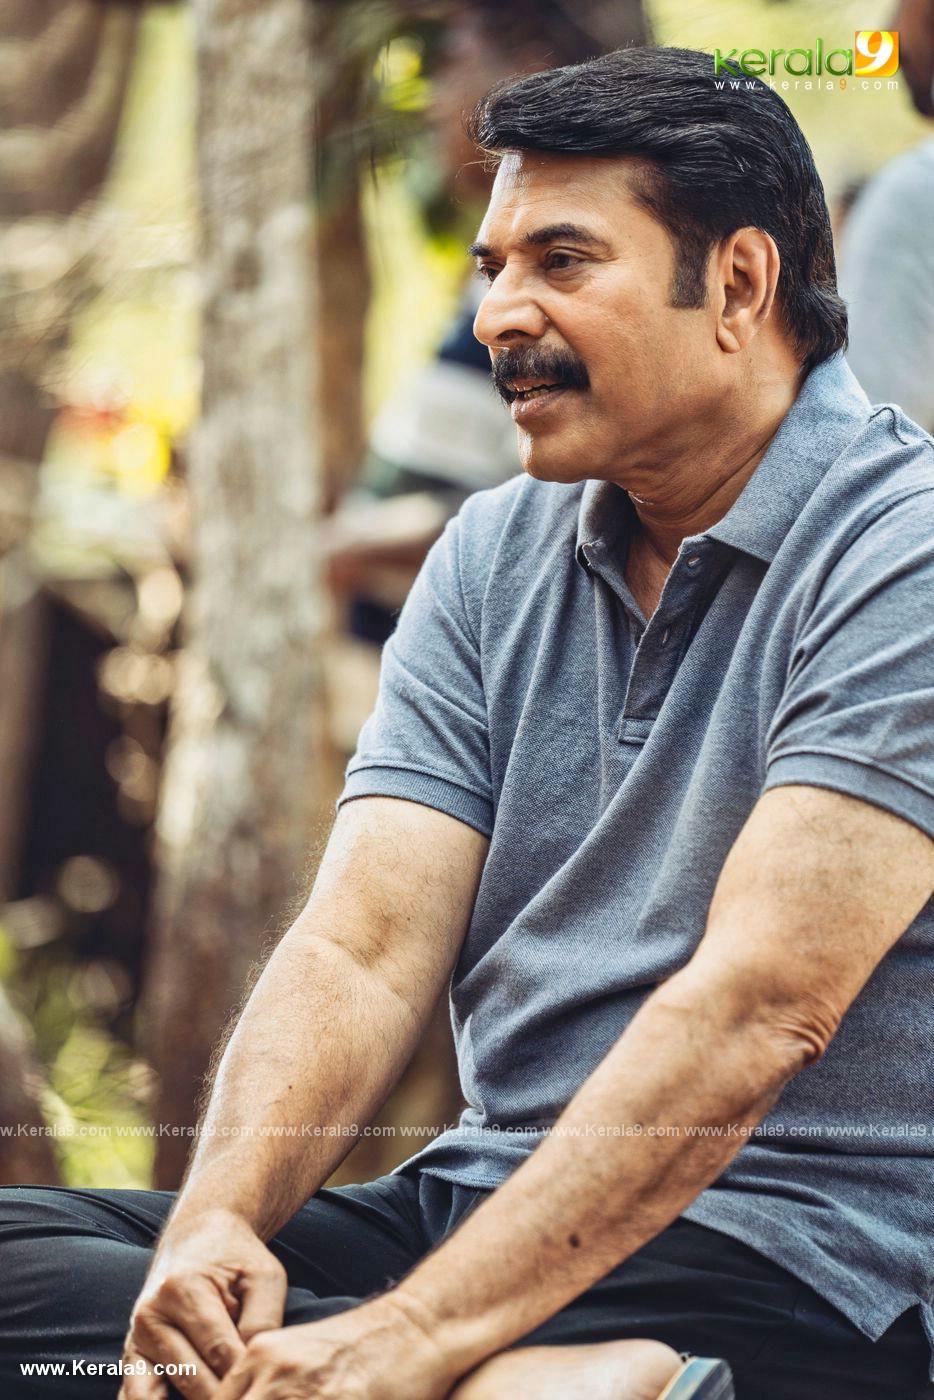 mammootty in unda movie stills 008 - Kerala9.com